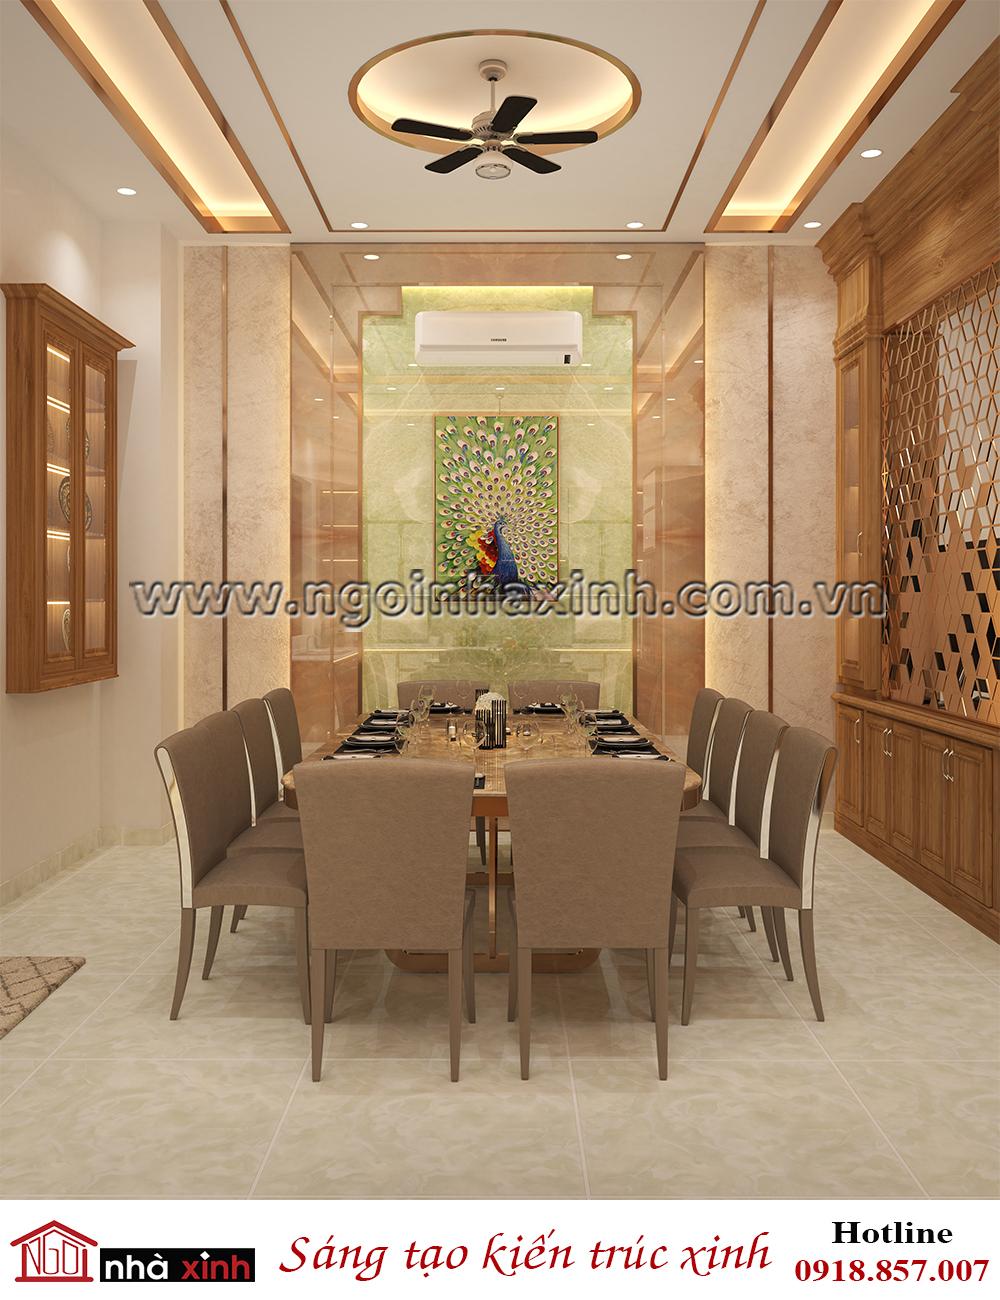 noi that dep, nhà xinh, nha xinh, nội thất đẹp, nội thất phòng bếp đẹp nhất, ngôi nhà xinh, thiết kế ngôi nhà xinh